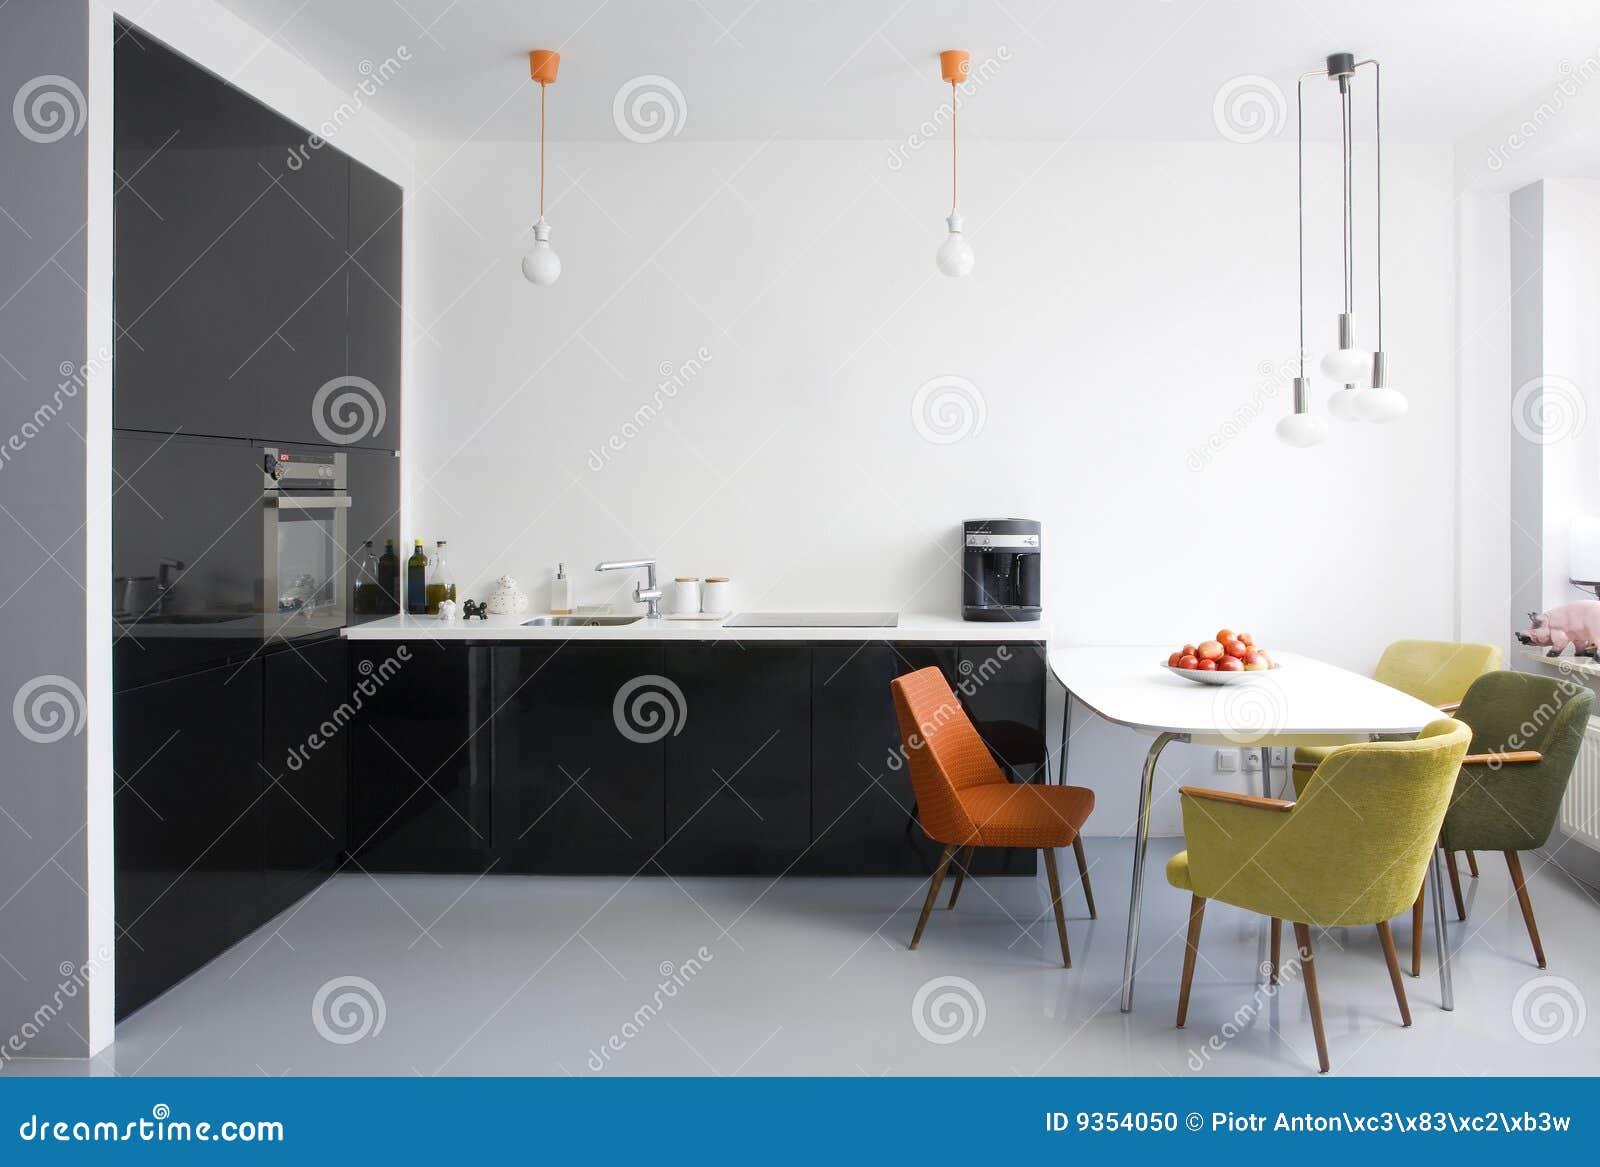 Comedor y cocina modernos